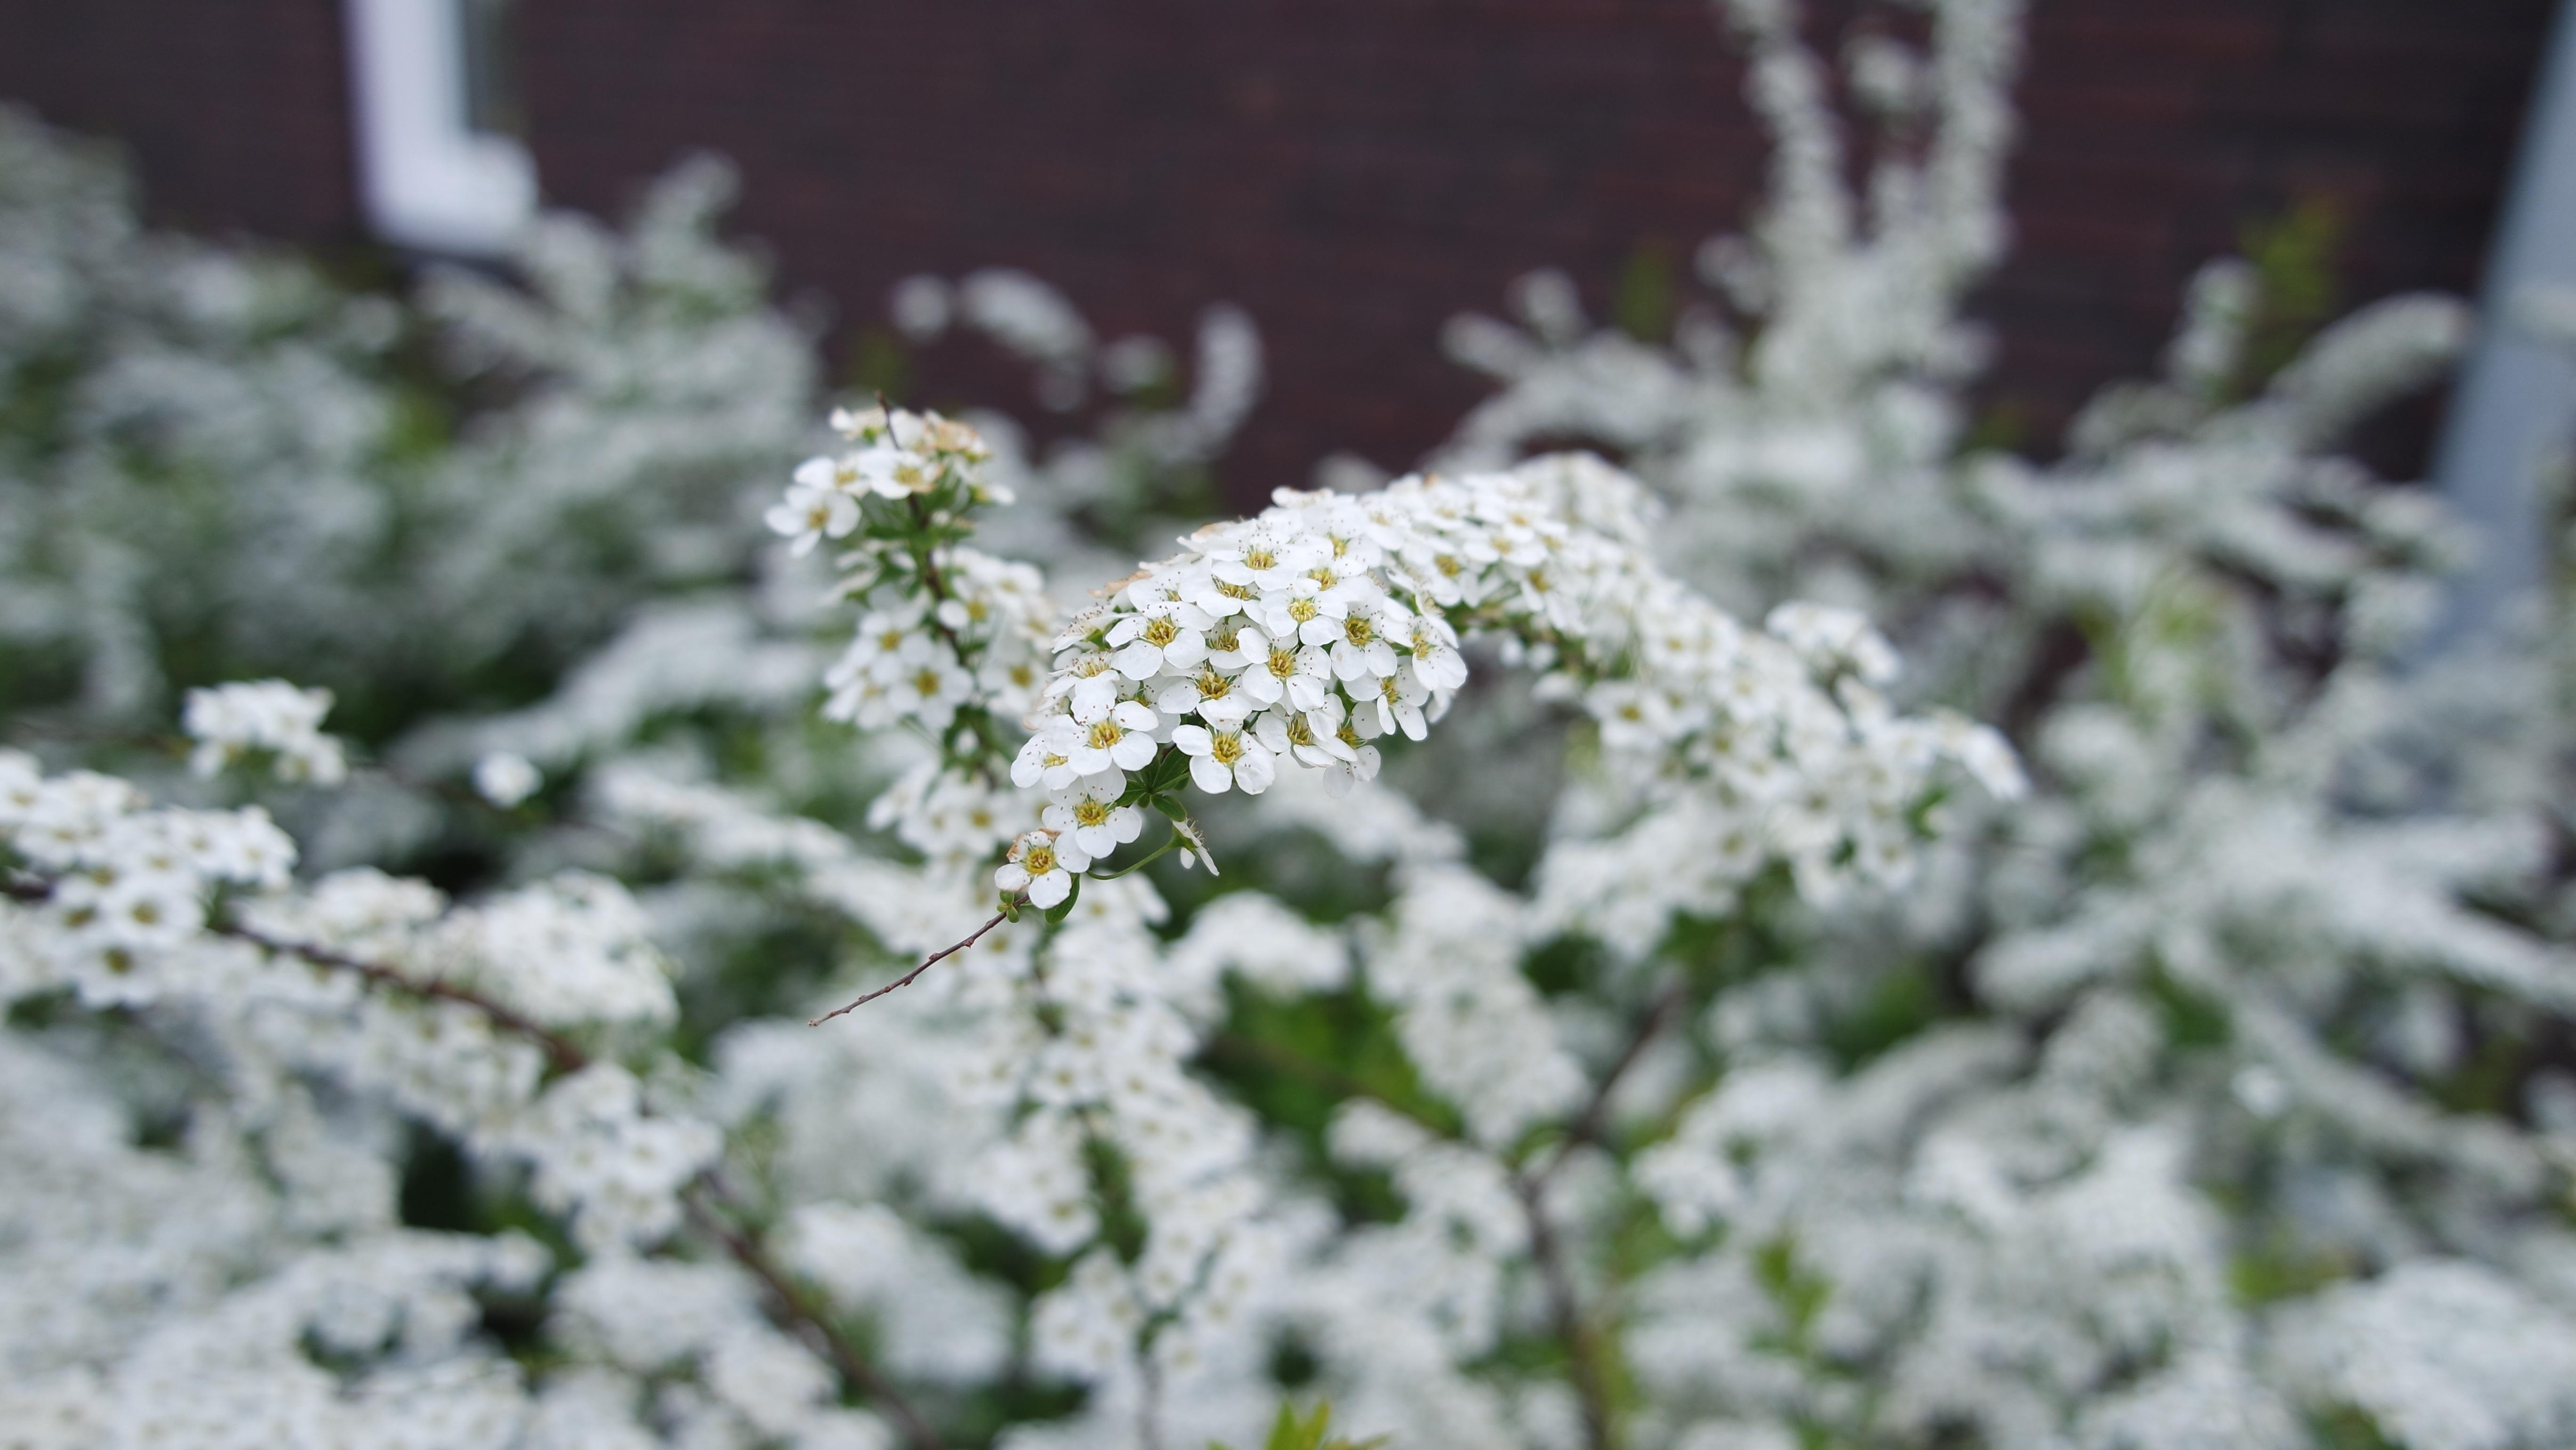 Fiori Bianchi Inverno.Immagini Belle Natura Ramo Fiorire La Neve Inverno Bianca